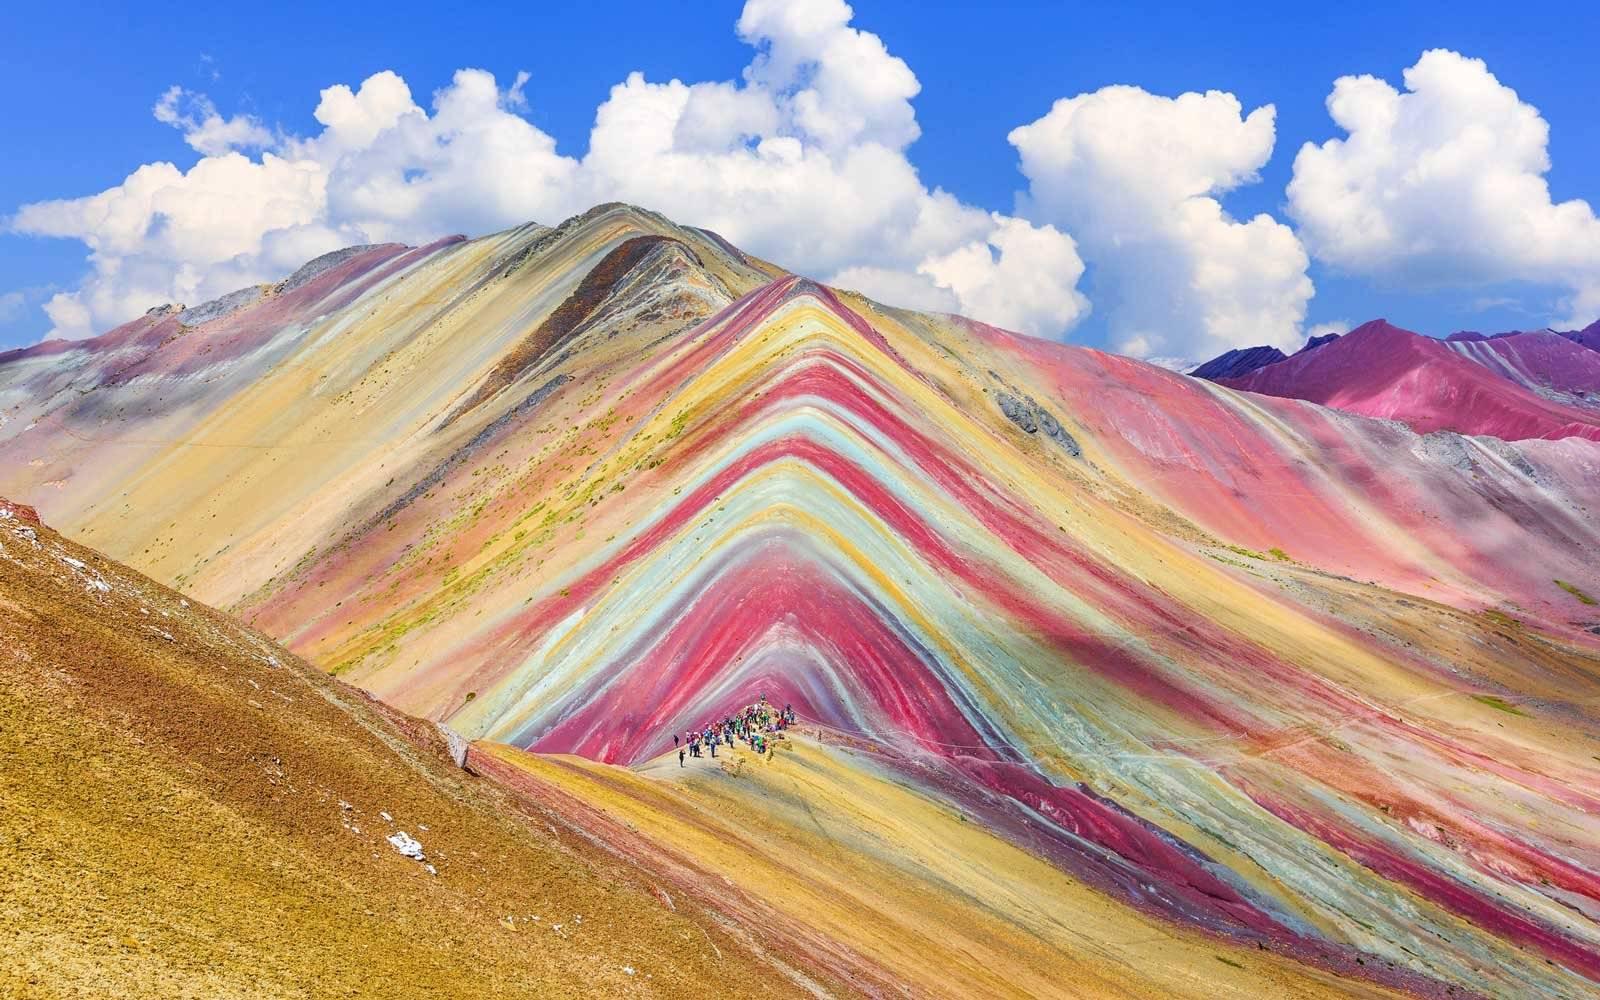 Peru'daki Gökkuşağı Dağının Renklerinin Sırrı